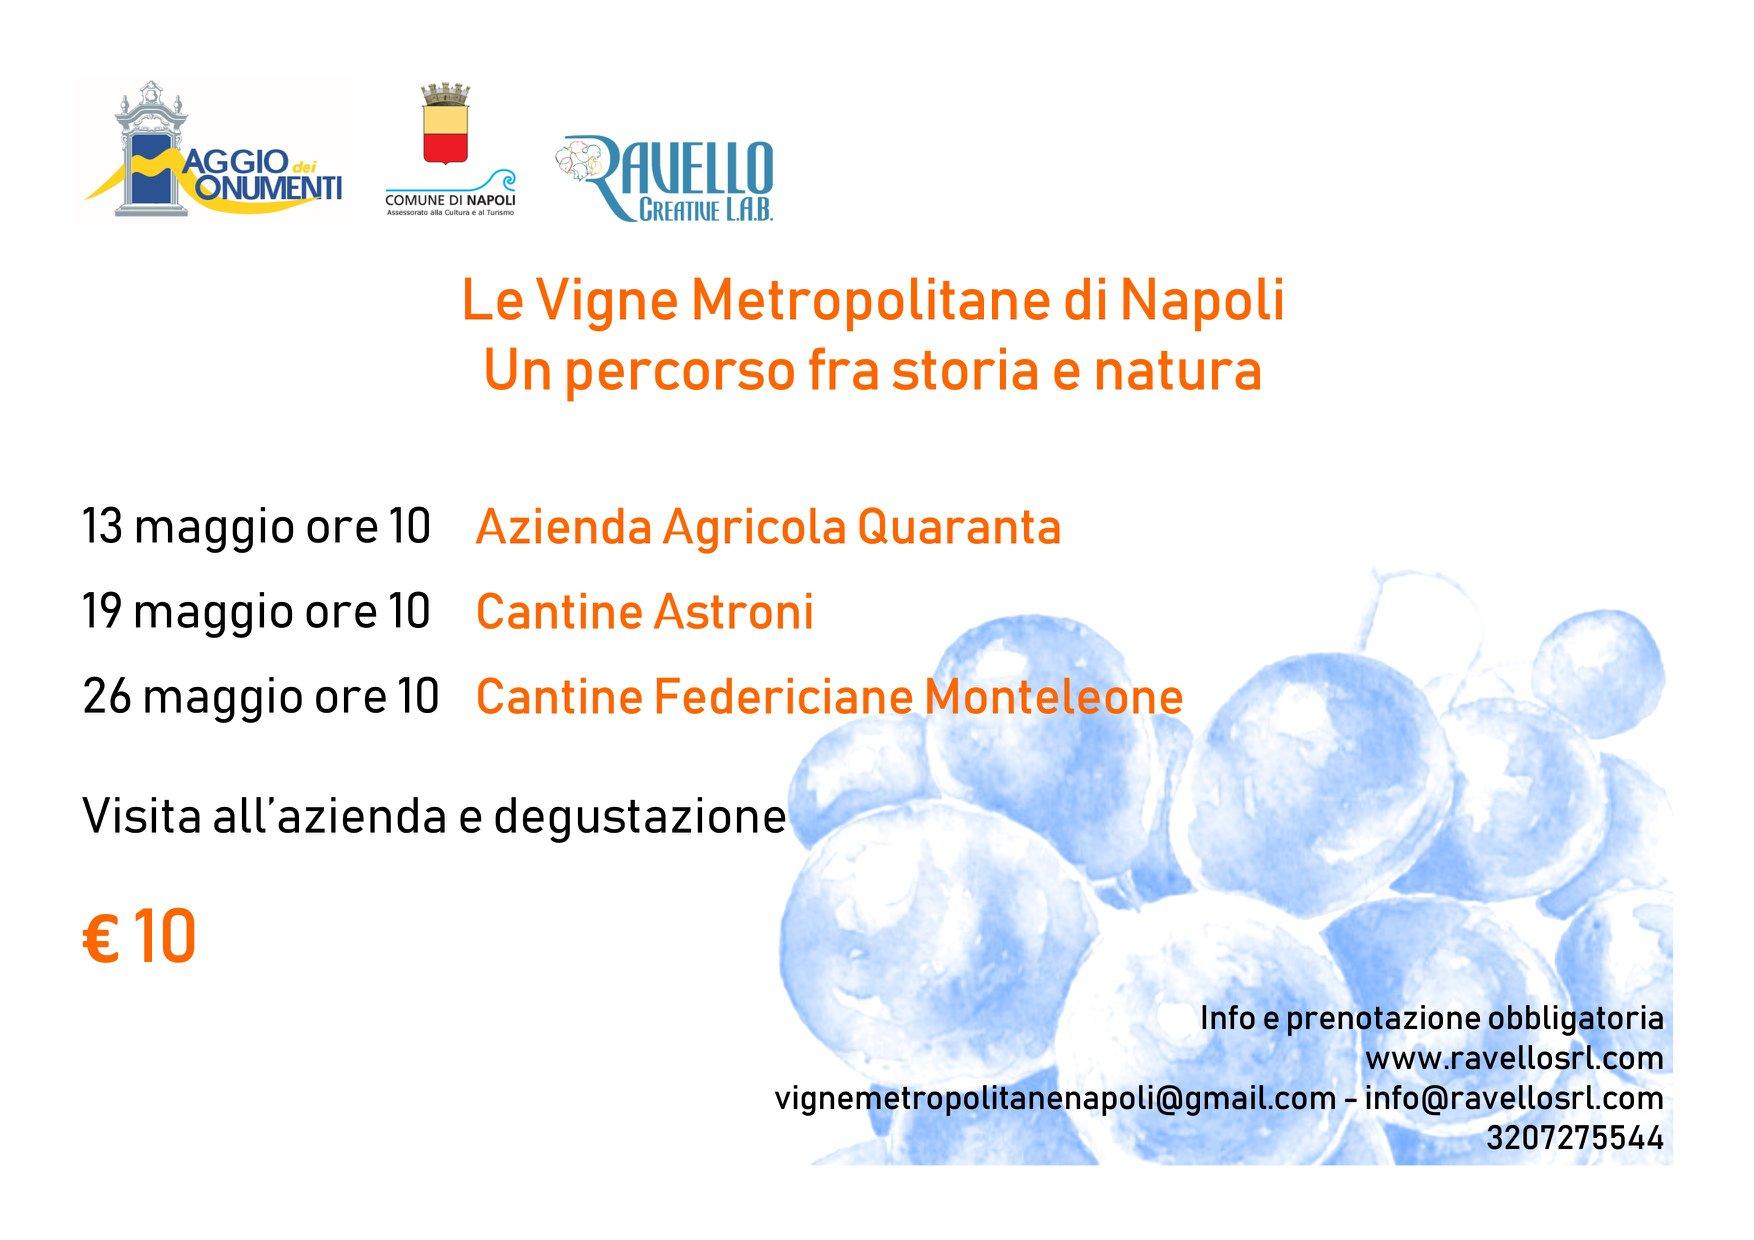 Le Vigne Metropolitane di Napoli a Maggio dei Monumenti 2018